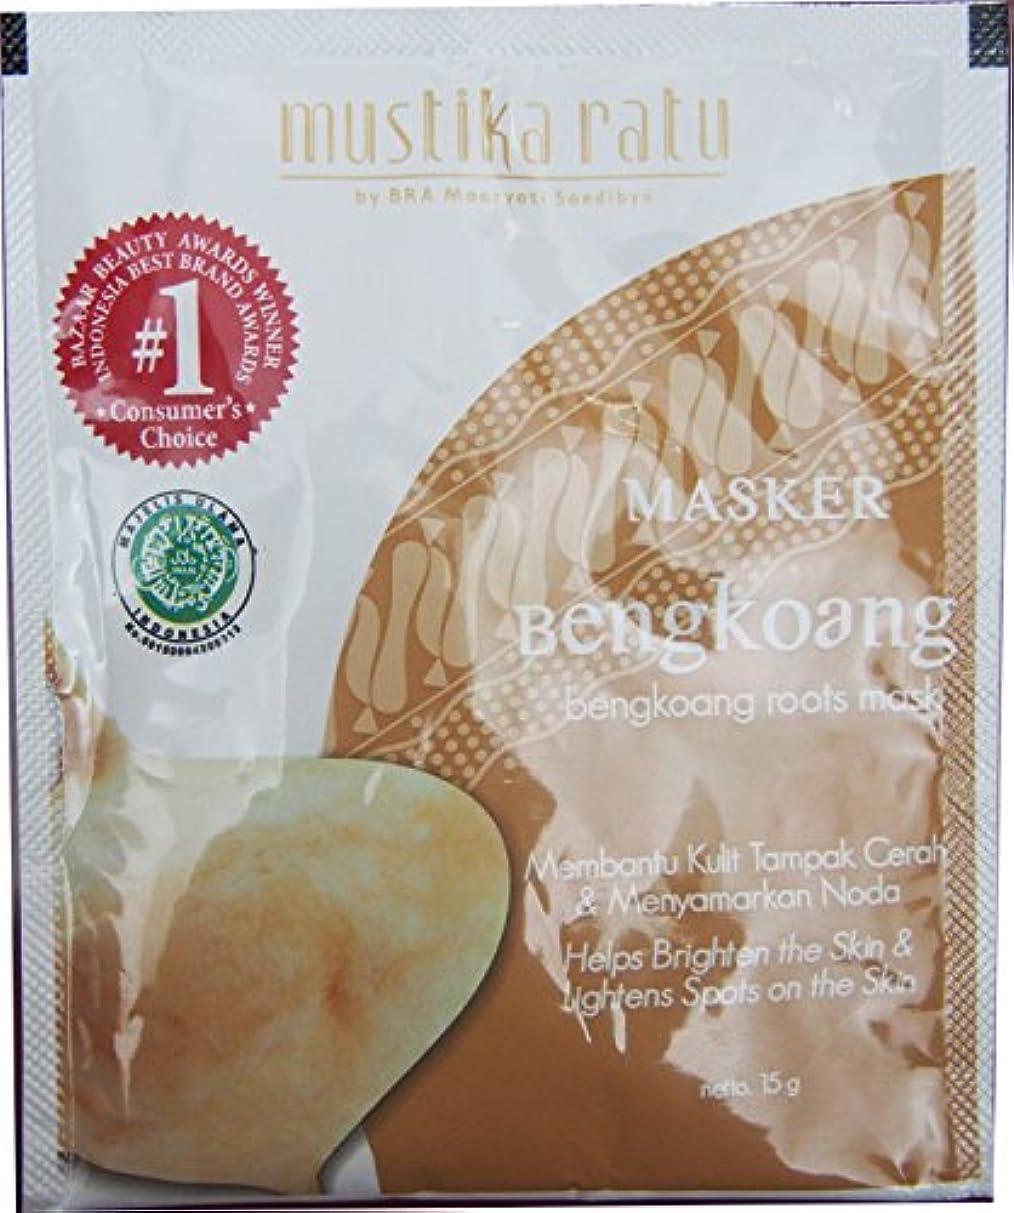 魅力的衛星消毒するMasker Bengkoang bengkoangのルーツは/マスク - スキンを明るく支援します&スキン上のスポットを明るくし - 10パック